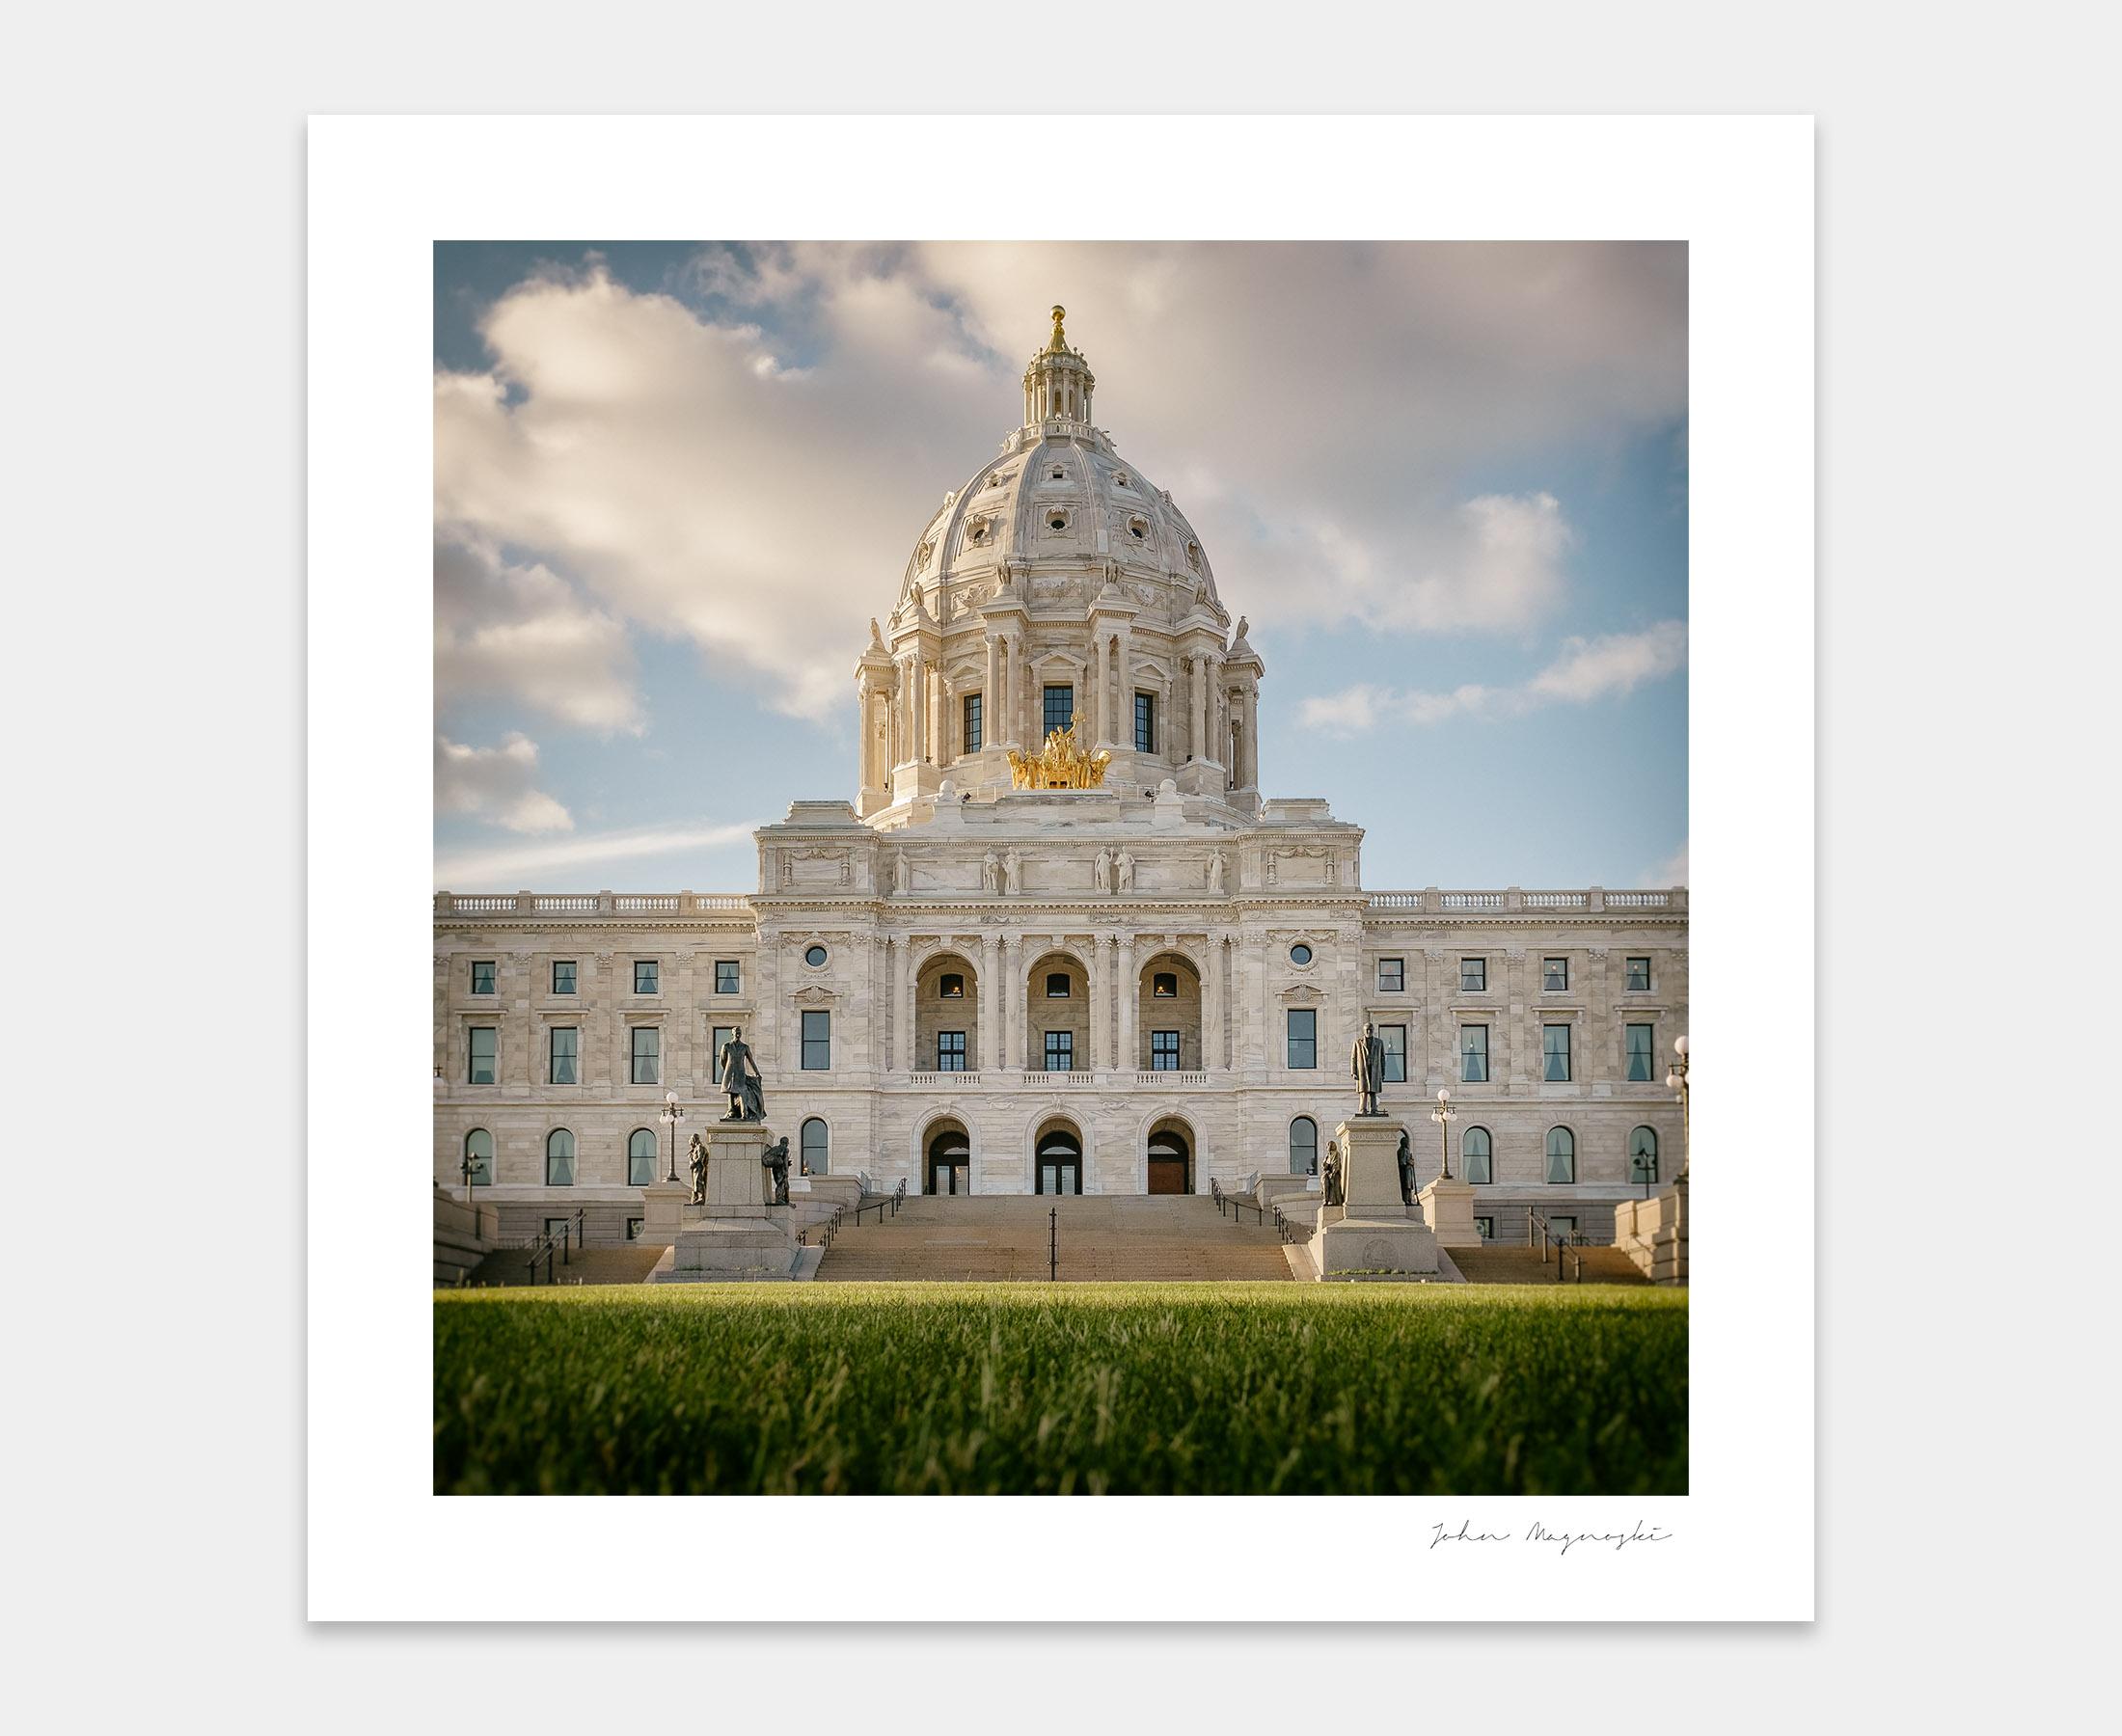 Capitol_StPaul ©JohnMagnoski-JMPF7236.jpg